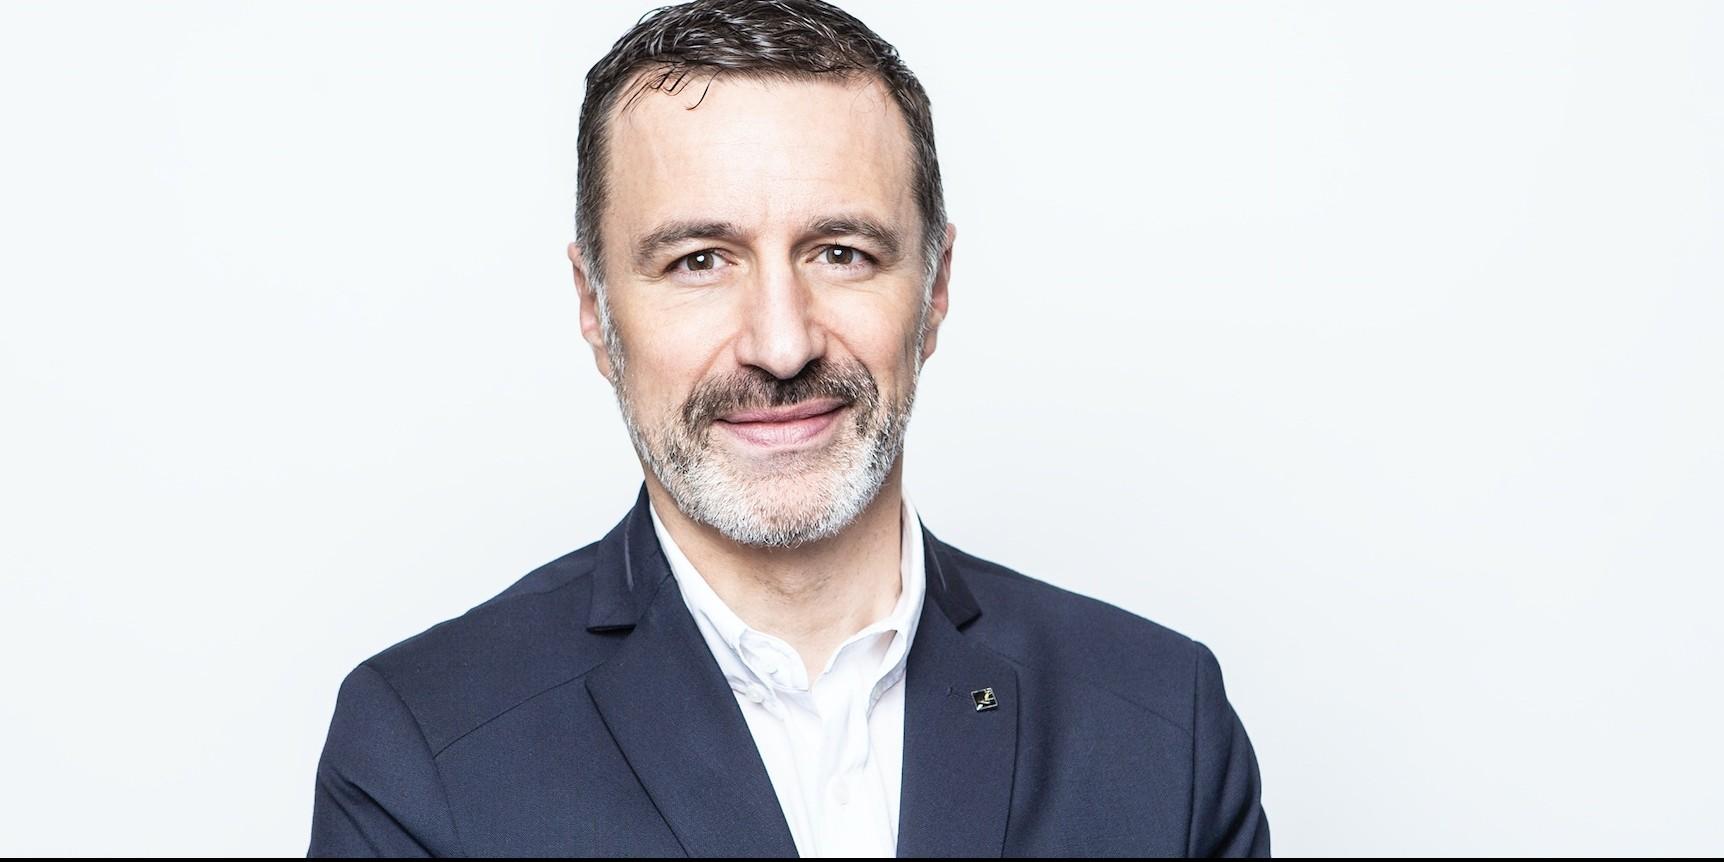 José Fernandez quitte Dentsu Aegis Network pour D'Ieteren